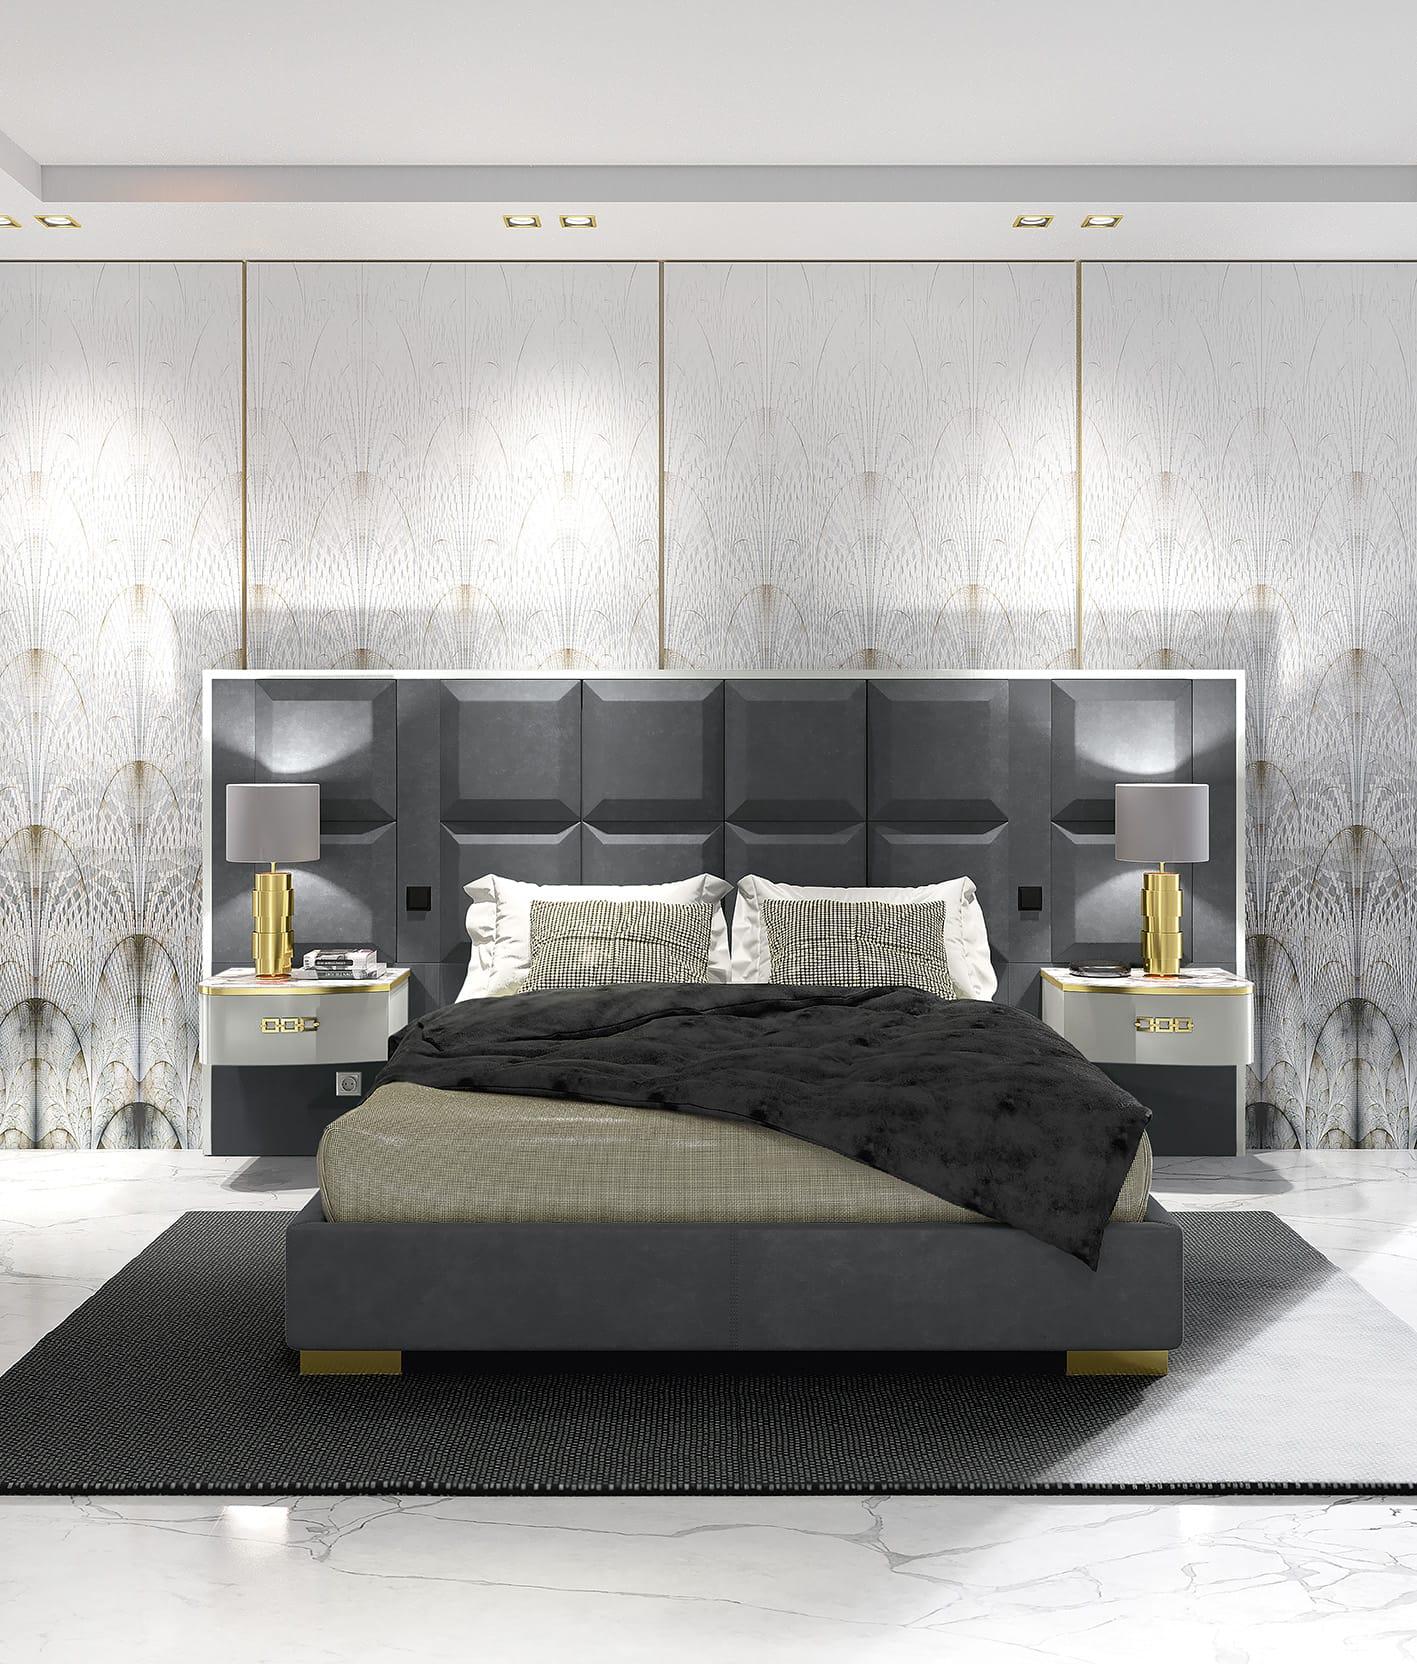 adriatica-meraviglia-letto-grigio.jpg